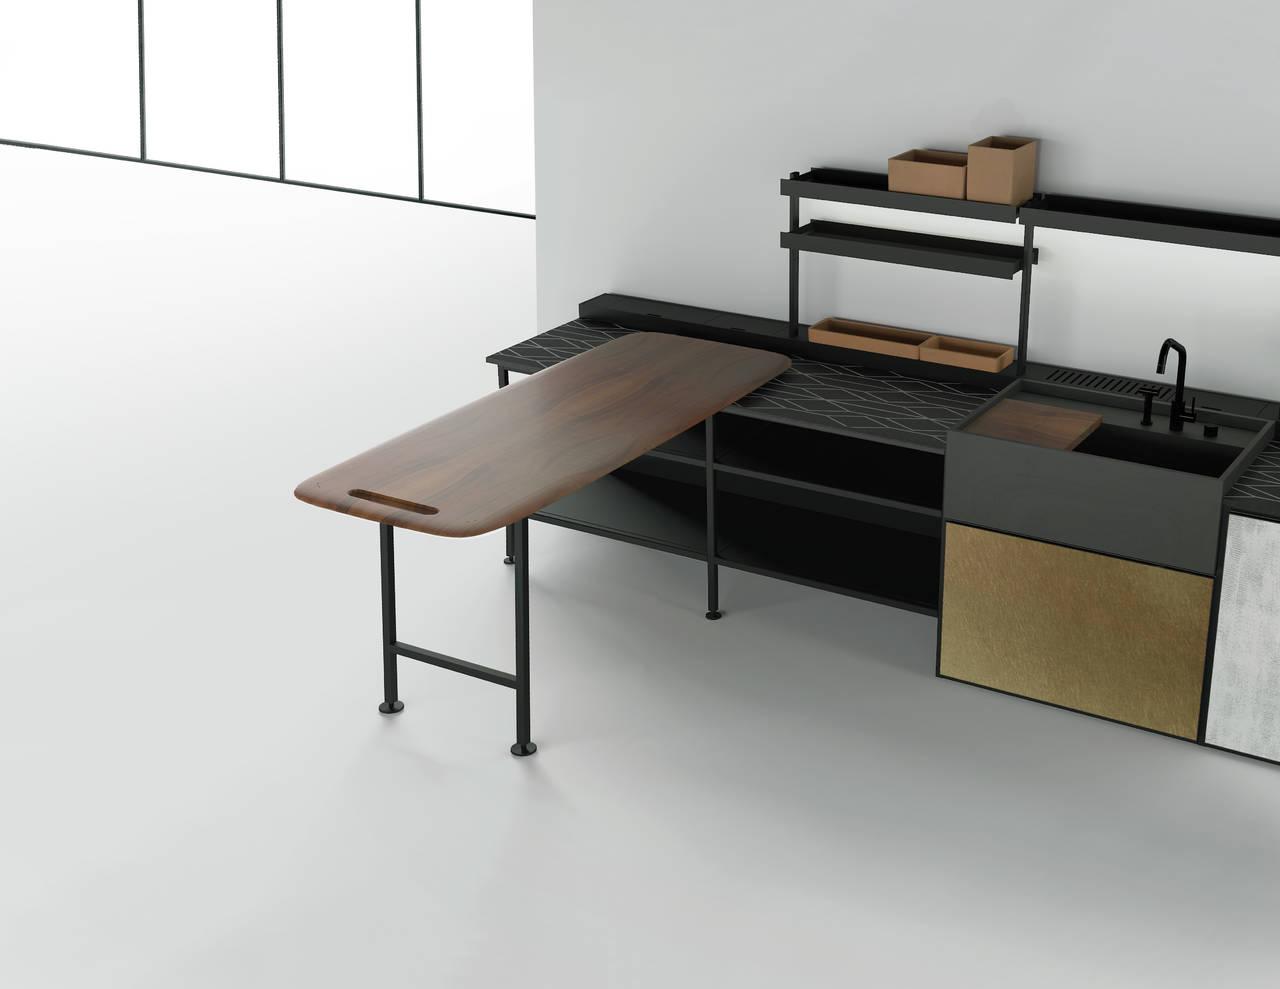 salinas la cucina di boffi firmata urquiola ambiente cucina. Black Bedroom Furniture Sets. Home Design Ideas